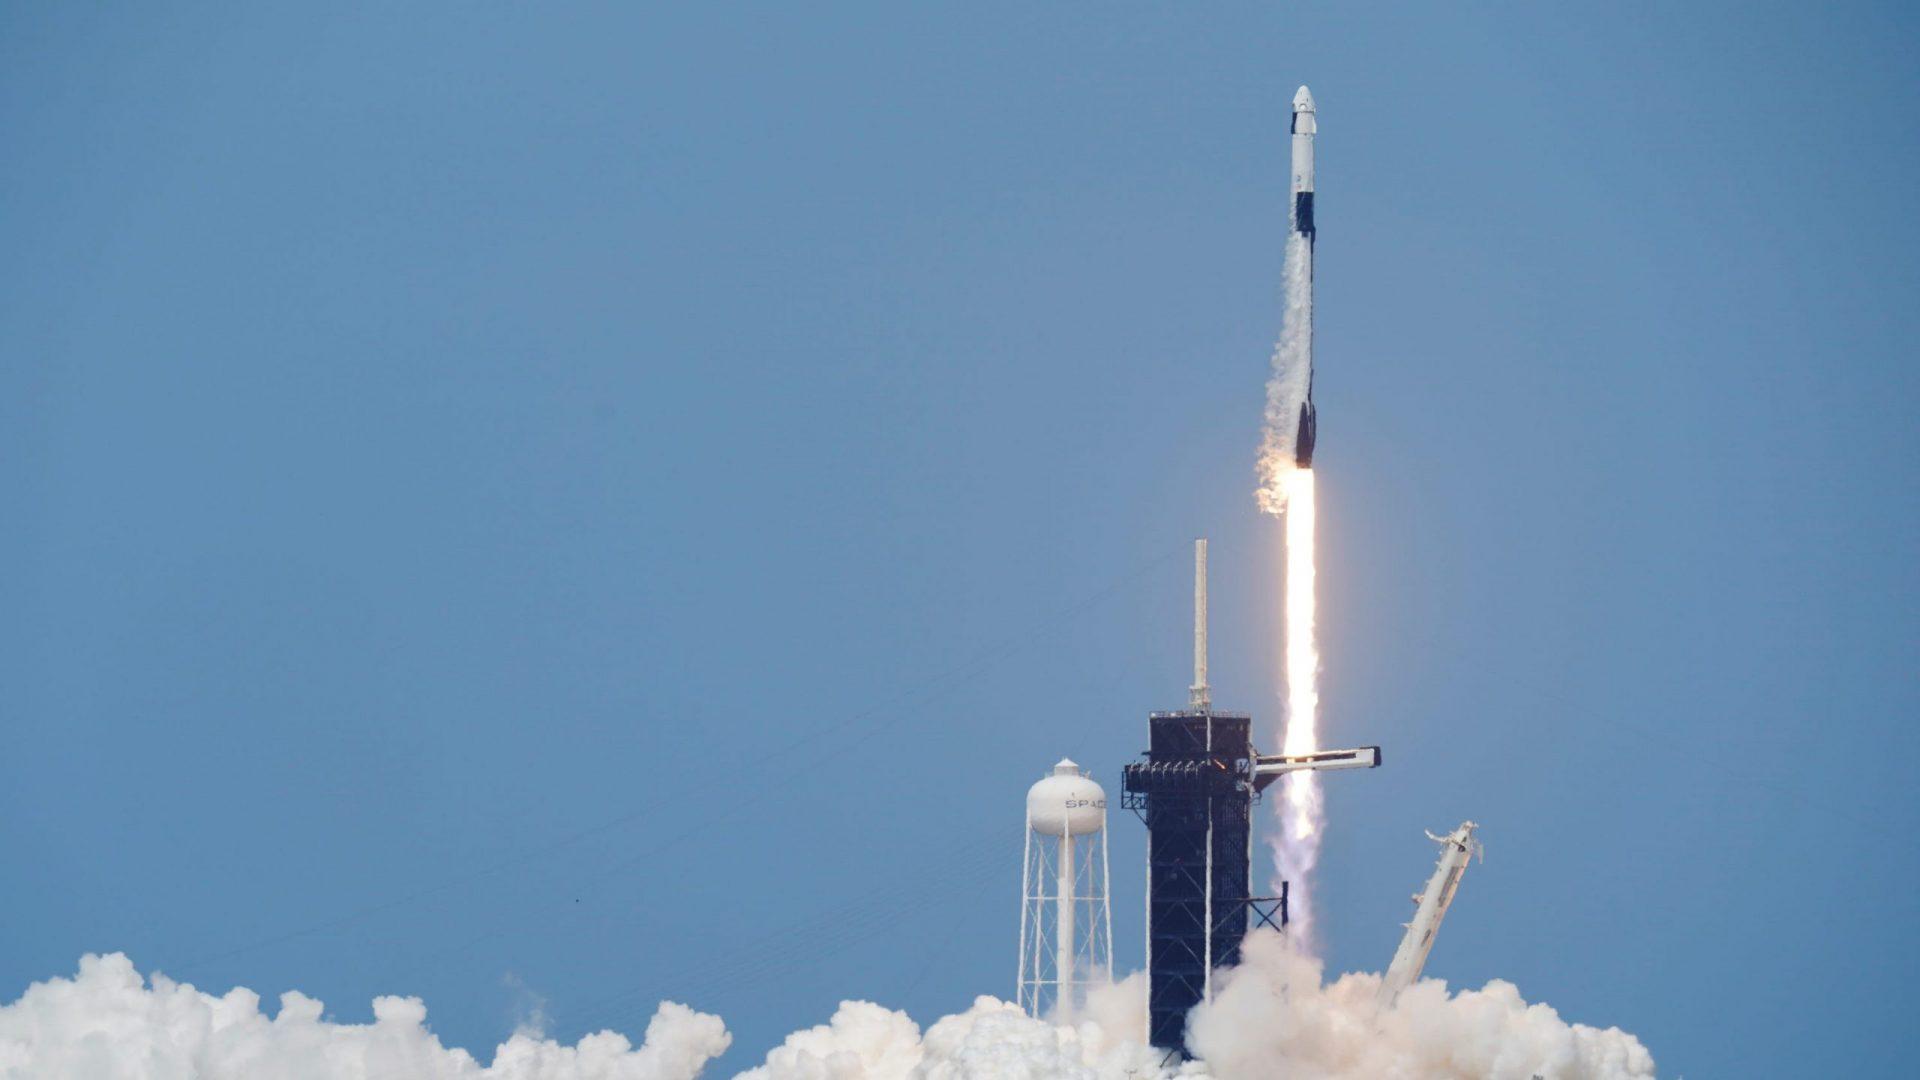 Crew Dragon é lançada em primeira missão tripulada da SpaceX